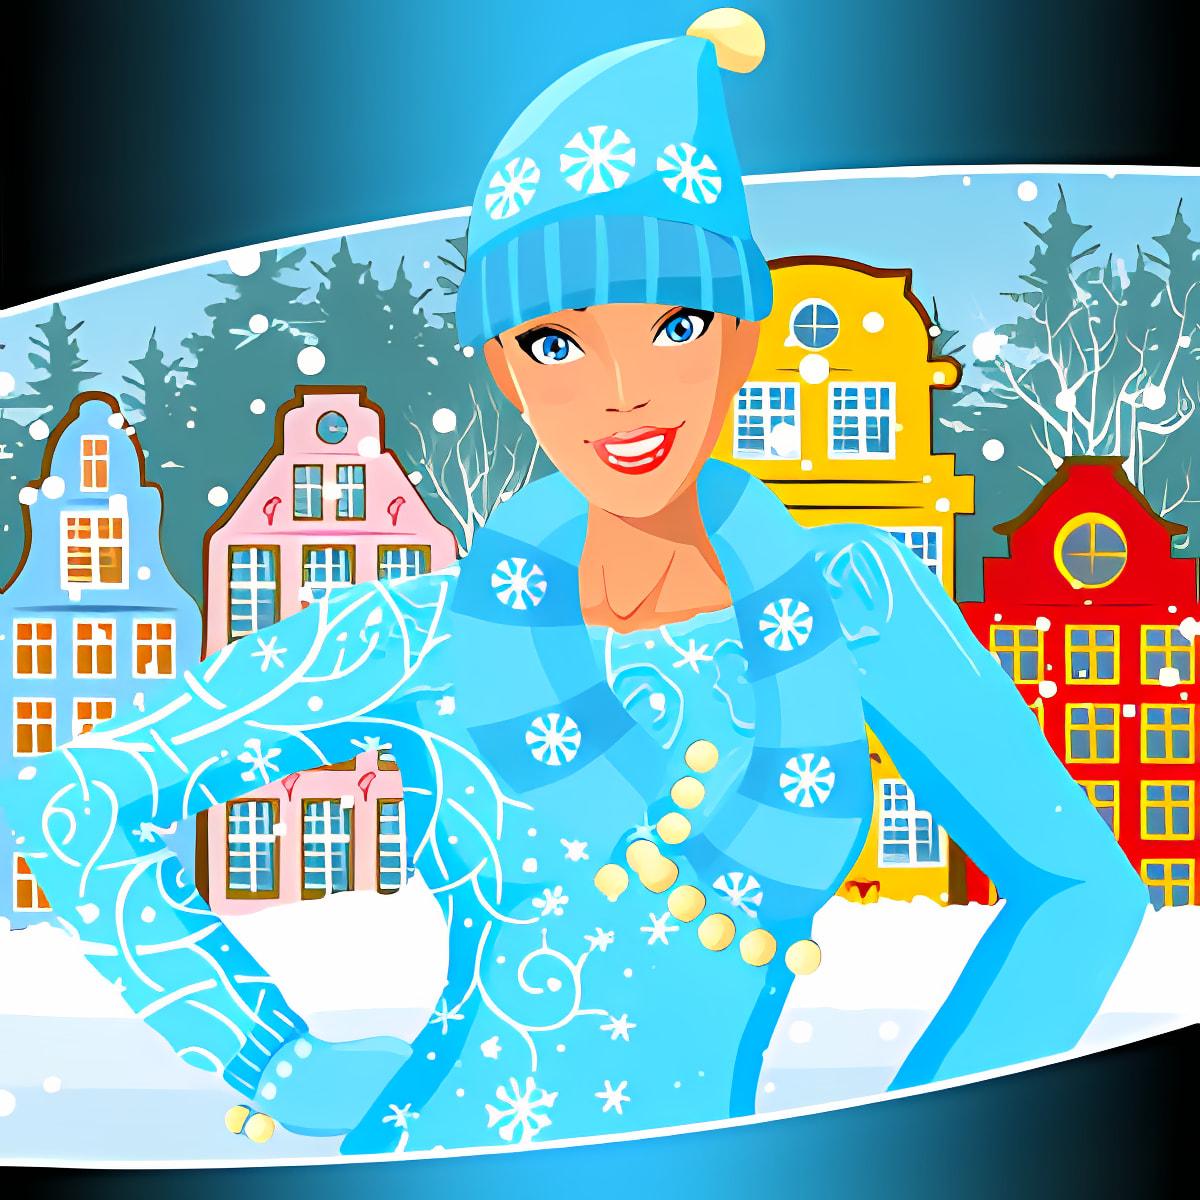 vestido de moda de invierno ju 2.3 y versiones superiores